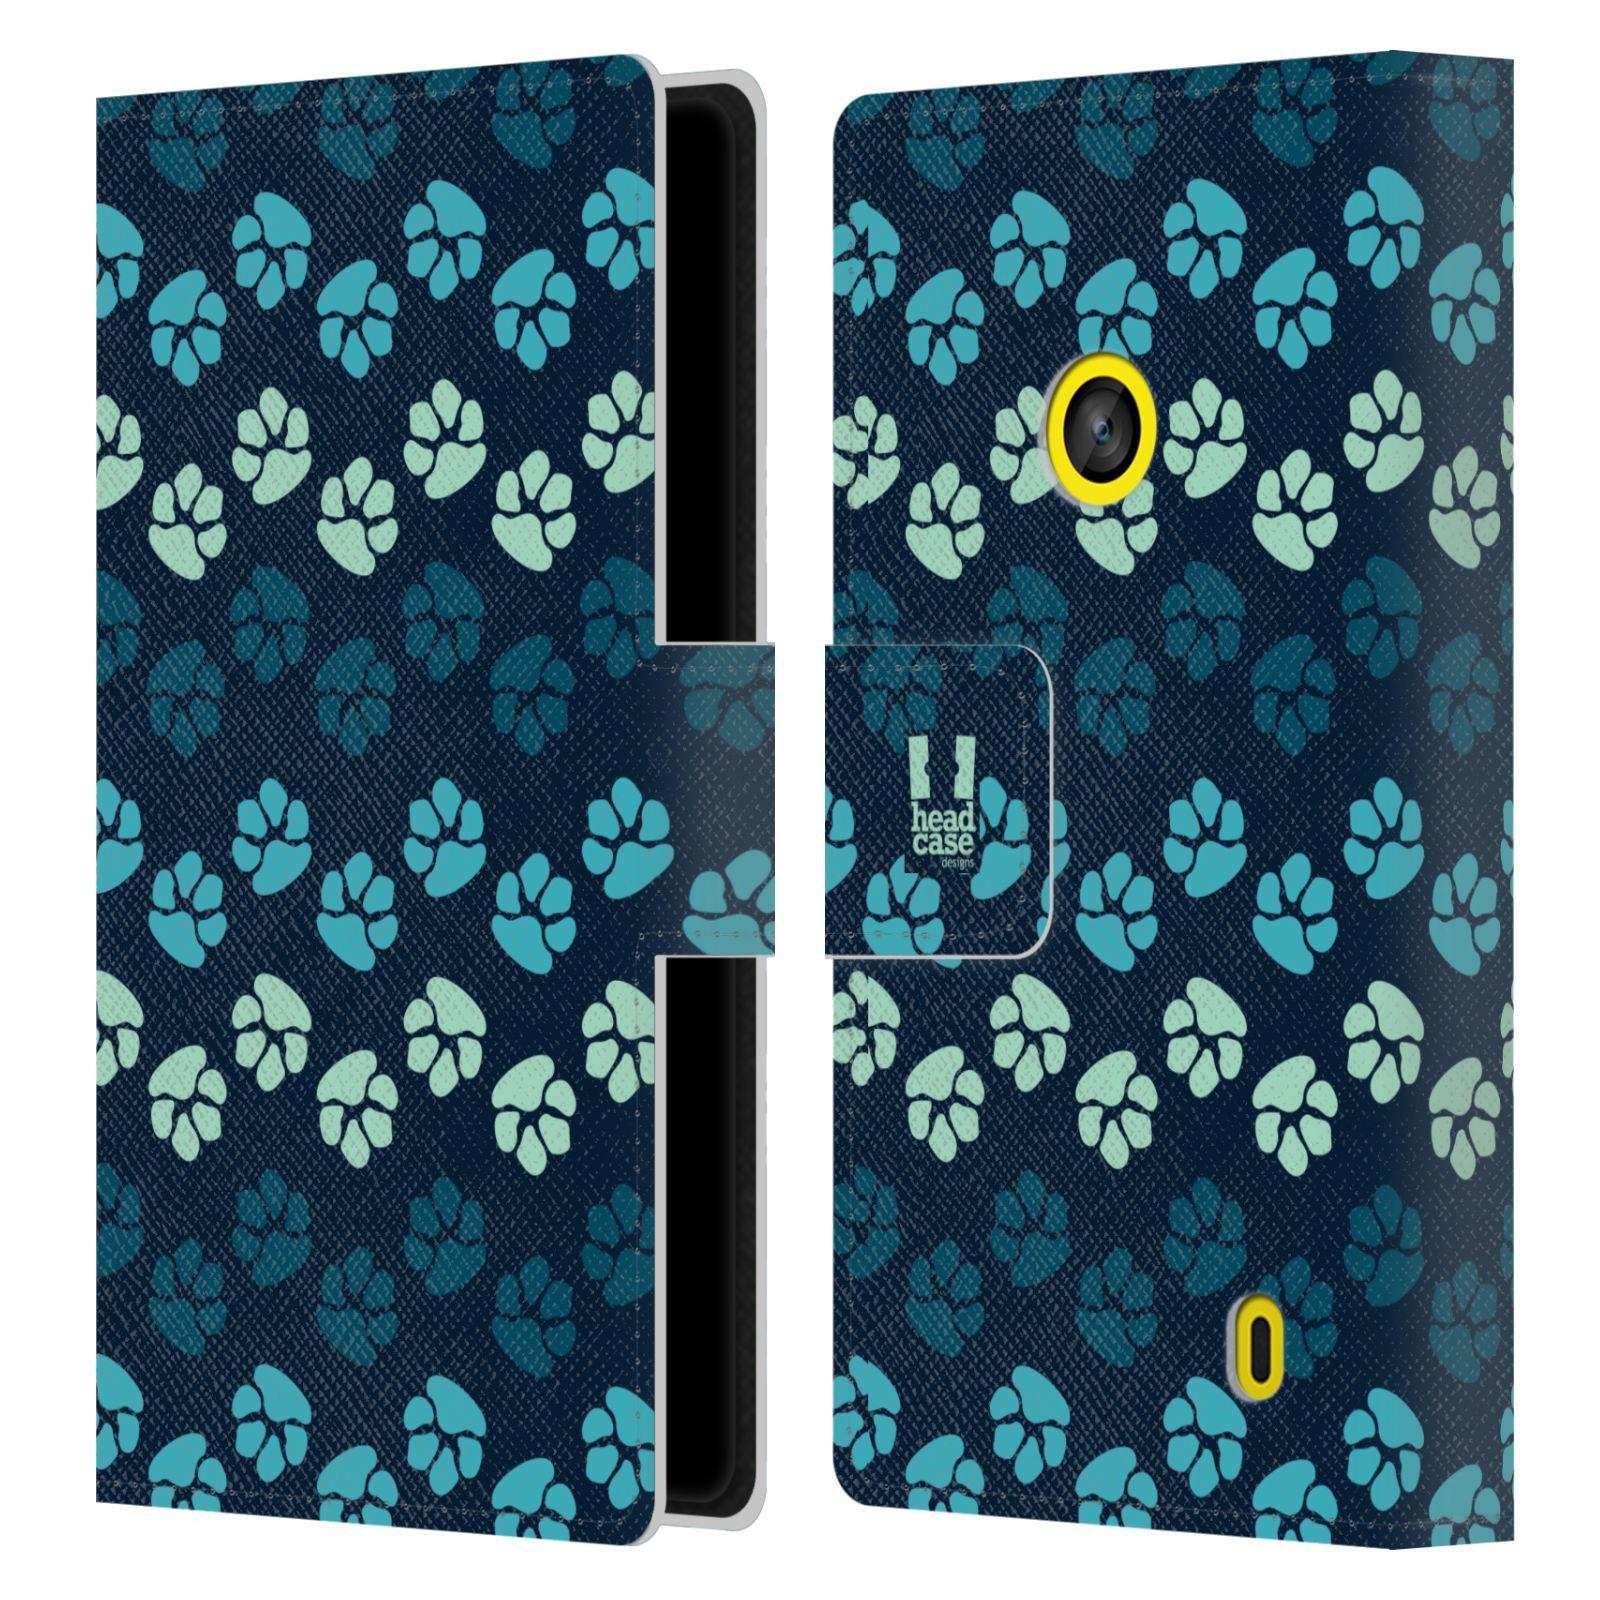 HEAD CASE Flipové pouzdro pro mobil NOKIA LUMIA 520 / 525 Pejsek ťapky modrá barva